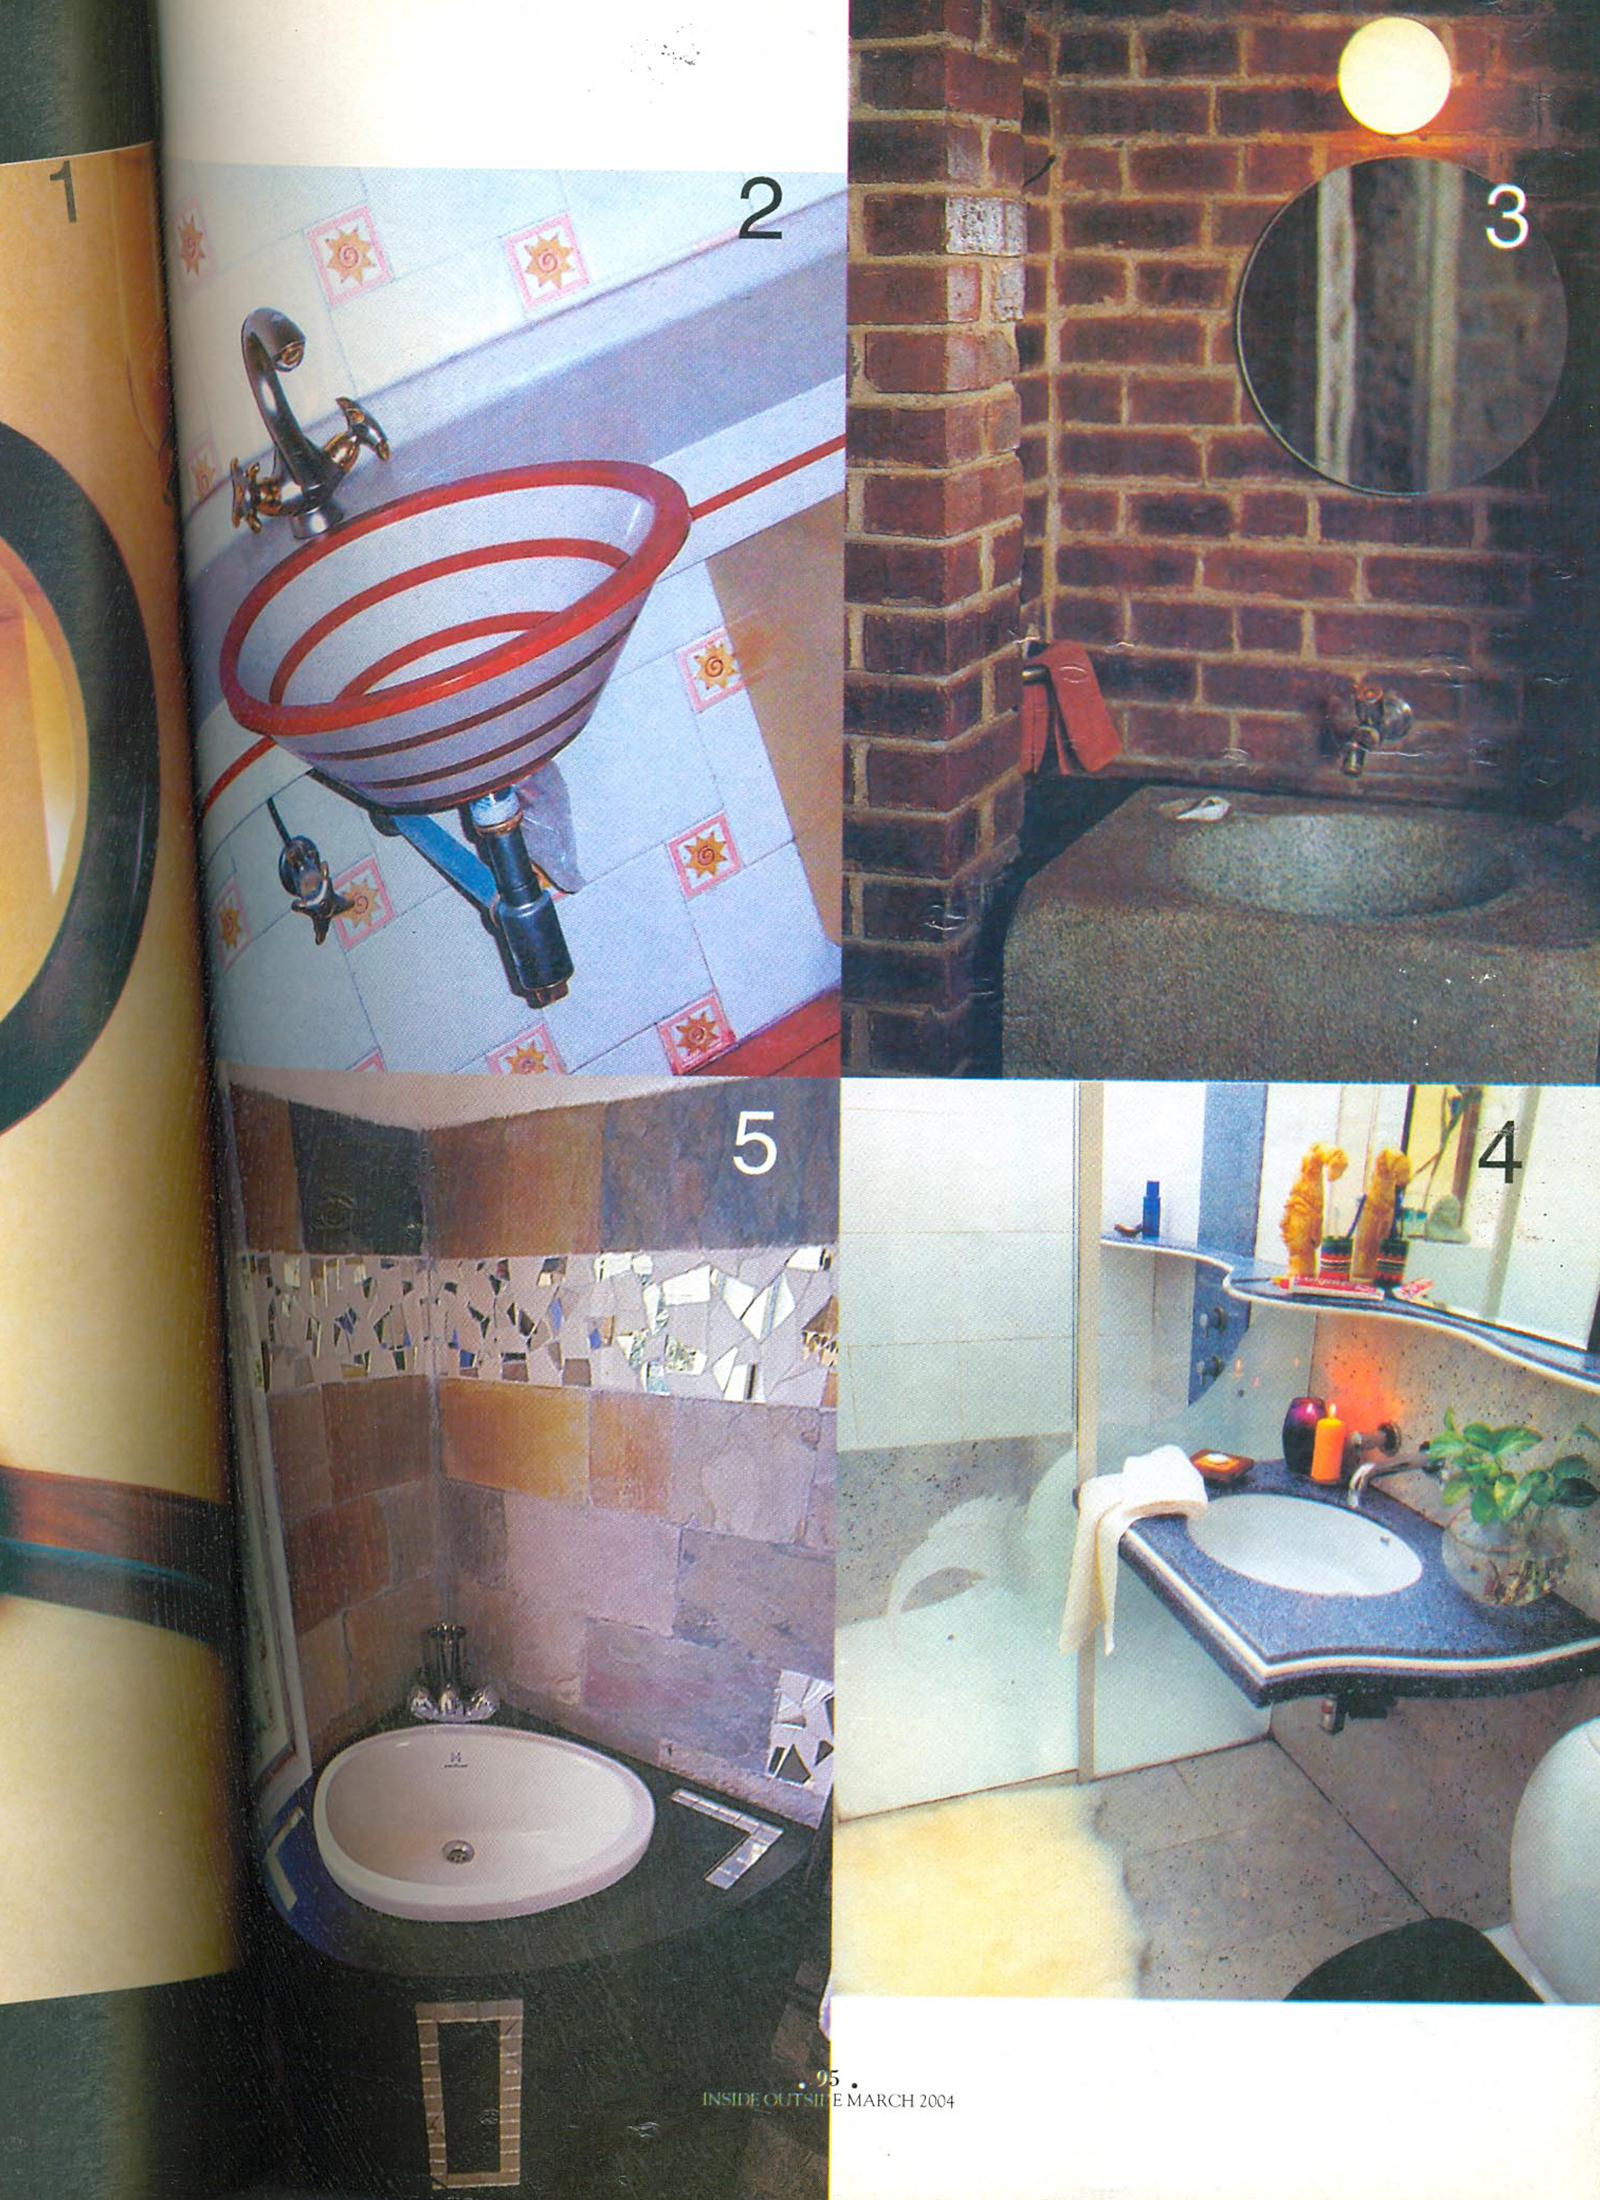 Inside Outside March 2004 p2